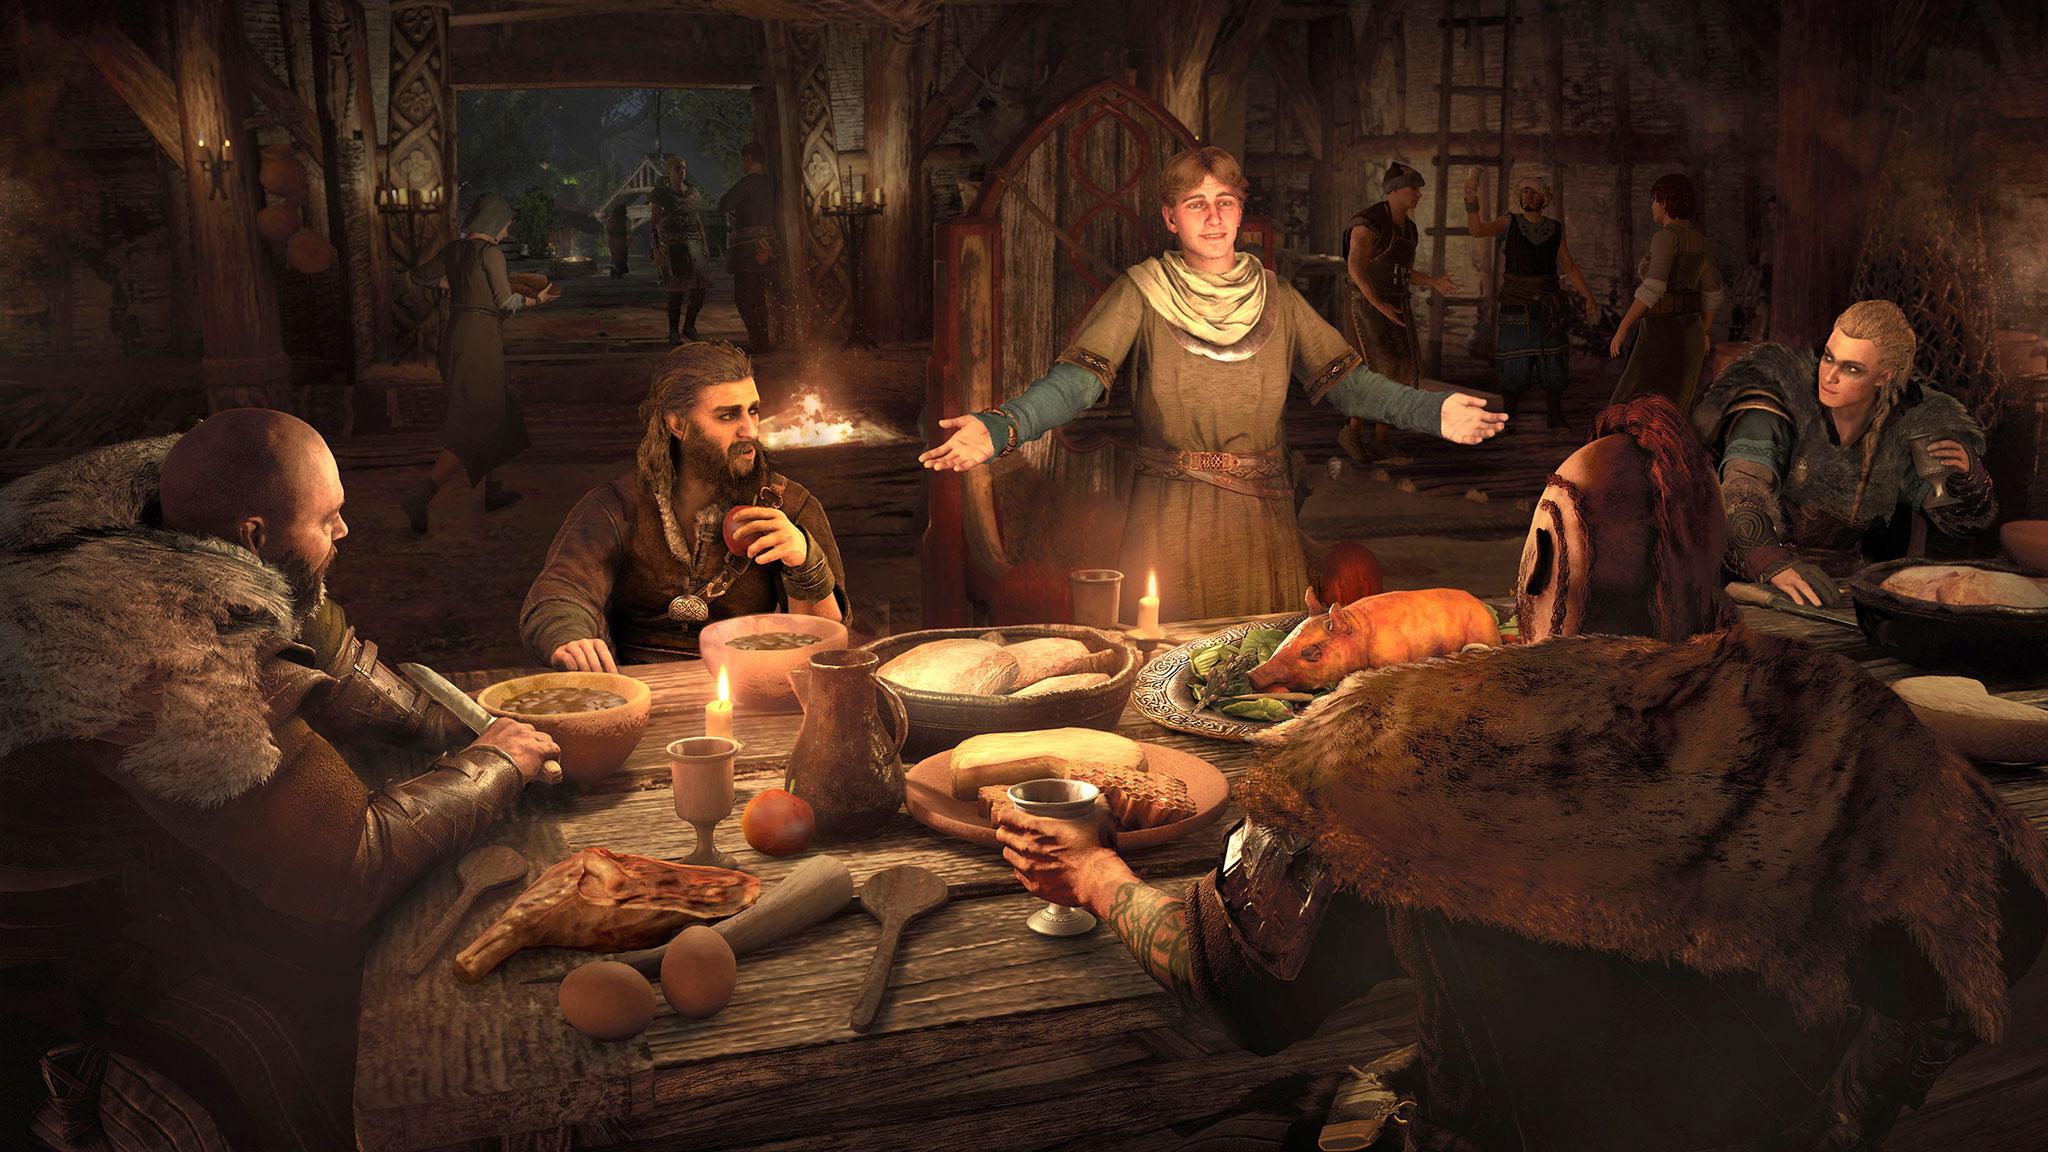 Nach ihren Raubzügen stärken sich die Wikinger gerne in ihrer Festhalle. Je mehr Verbesserungen man den Lebensmittel-Händlern der Siedlung verpasst hat, desto üppiger fällt das Gelage aus